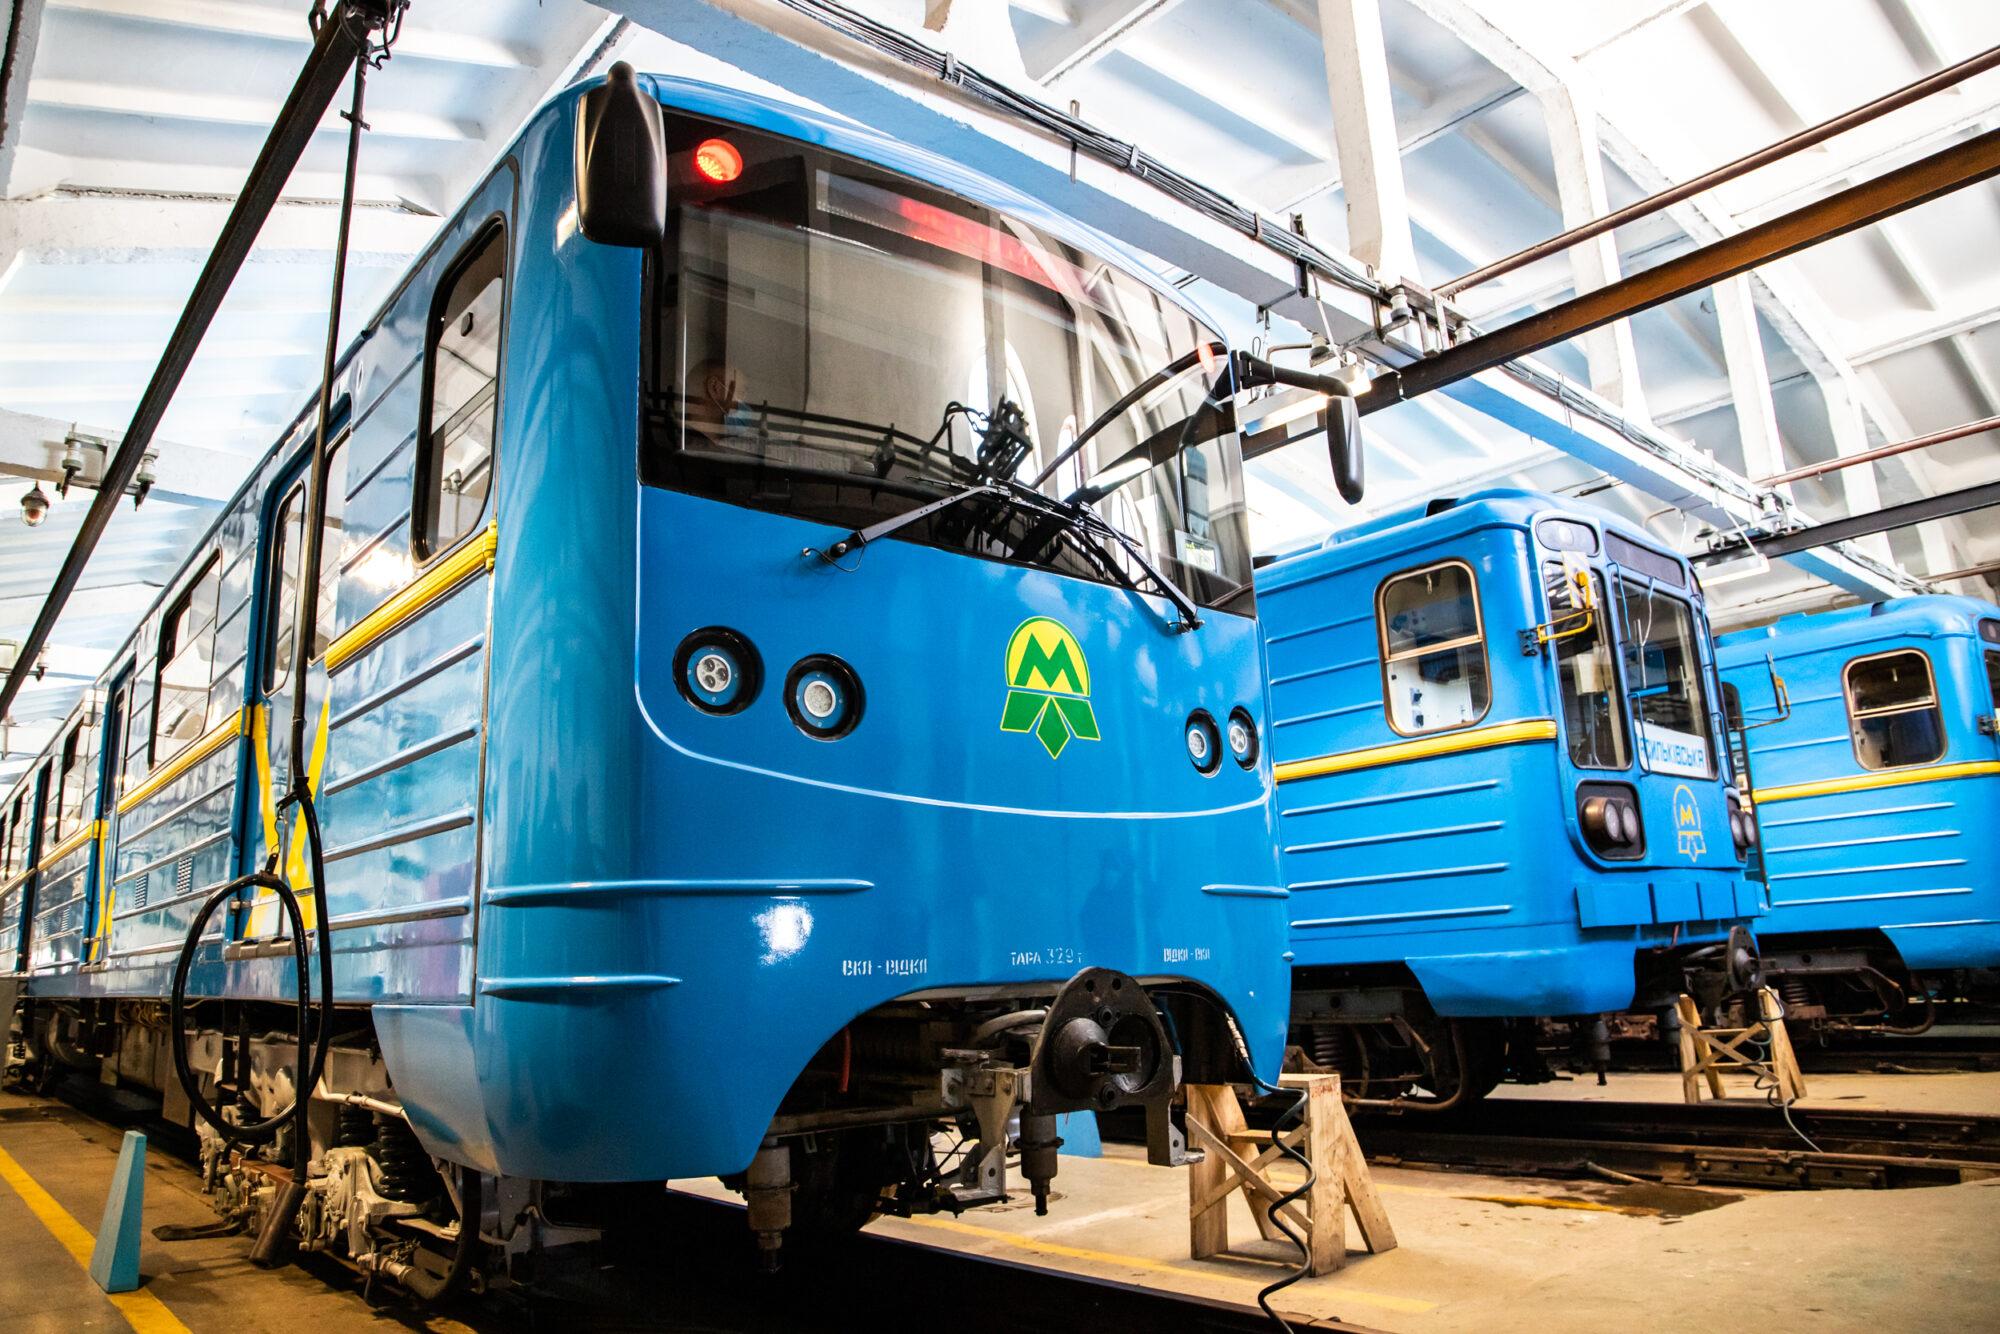 Київський метрополітен відремонтував 5 вагонів за 35 млн грн - Ремонт, метрополітен, вагони - imgbig 4 1 2000x1334